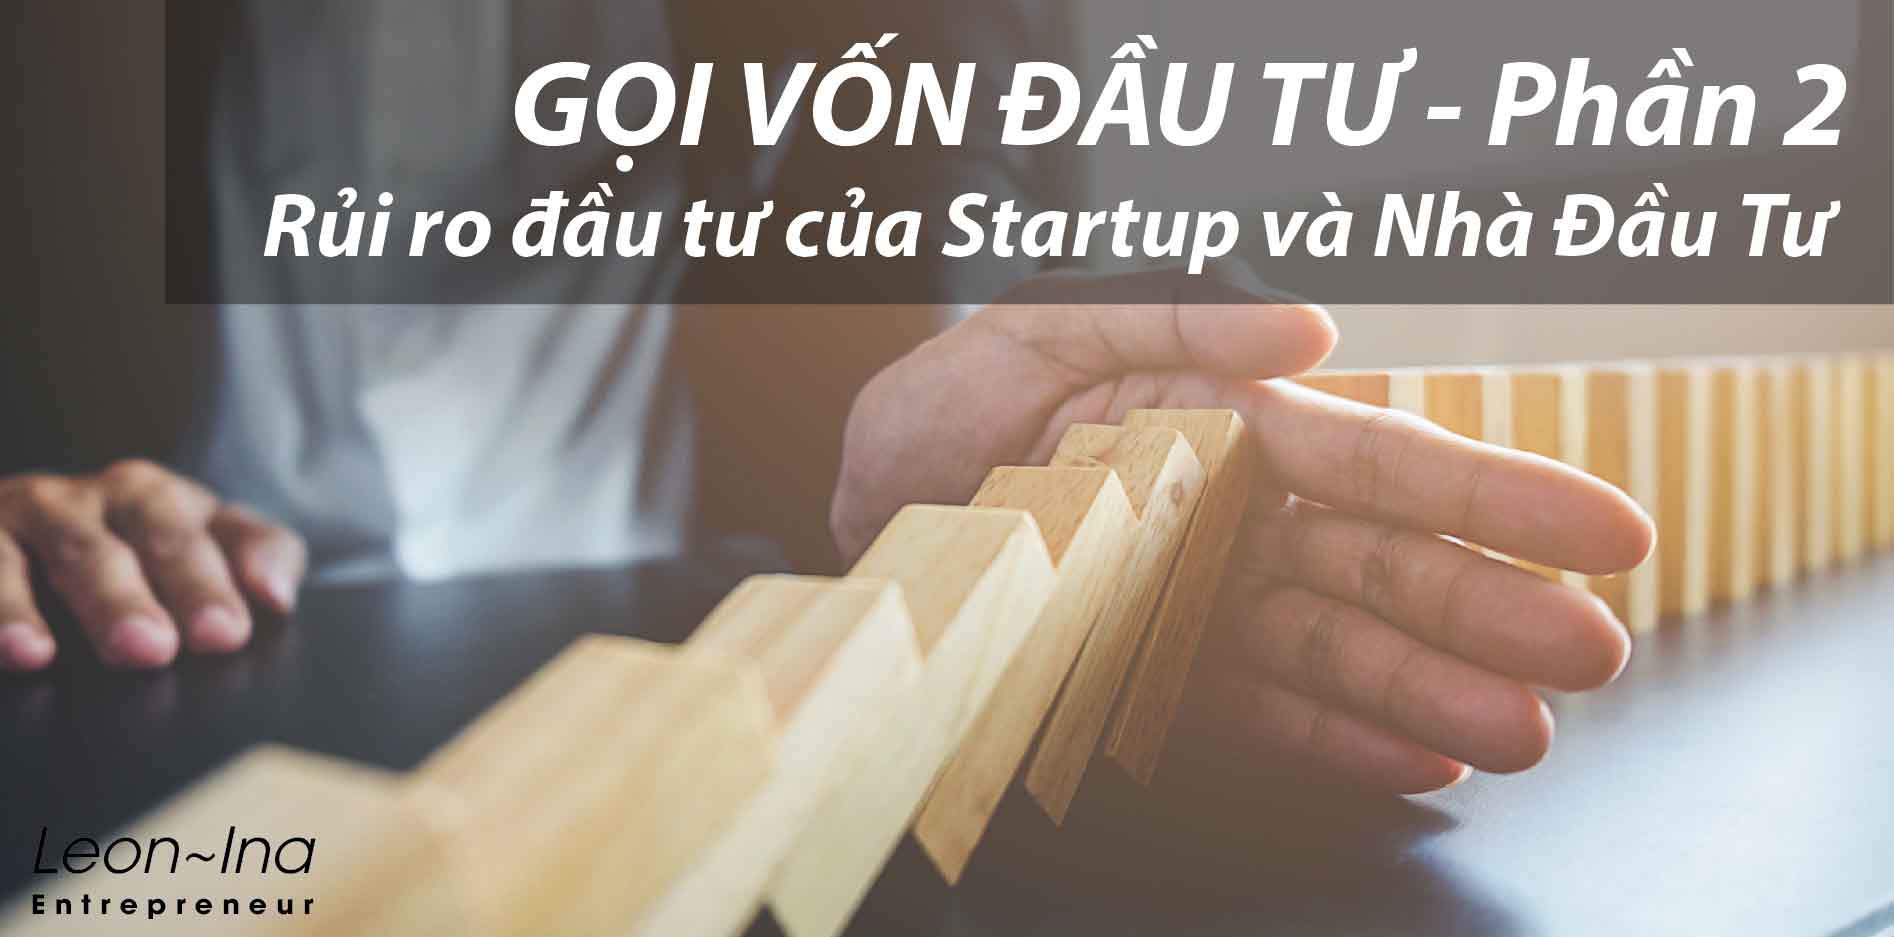 Gọi vốn đầu tư Phần 2: Rủi ro đầu tư của Startup và Nhà Đầu Tư